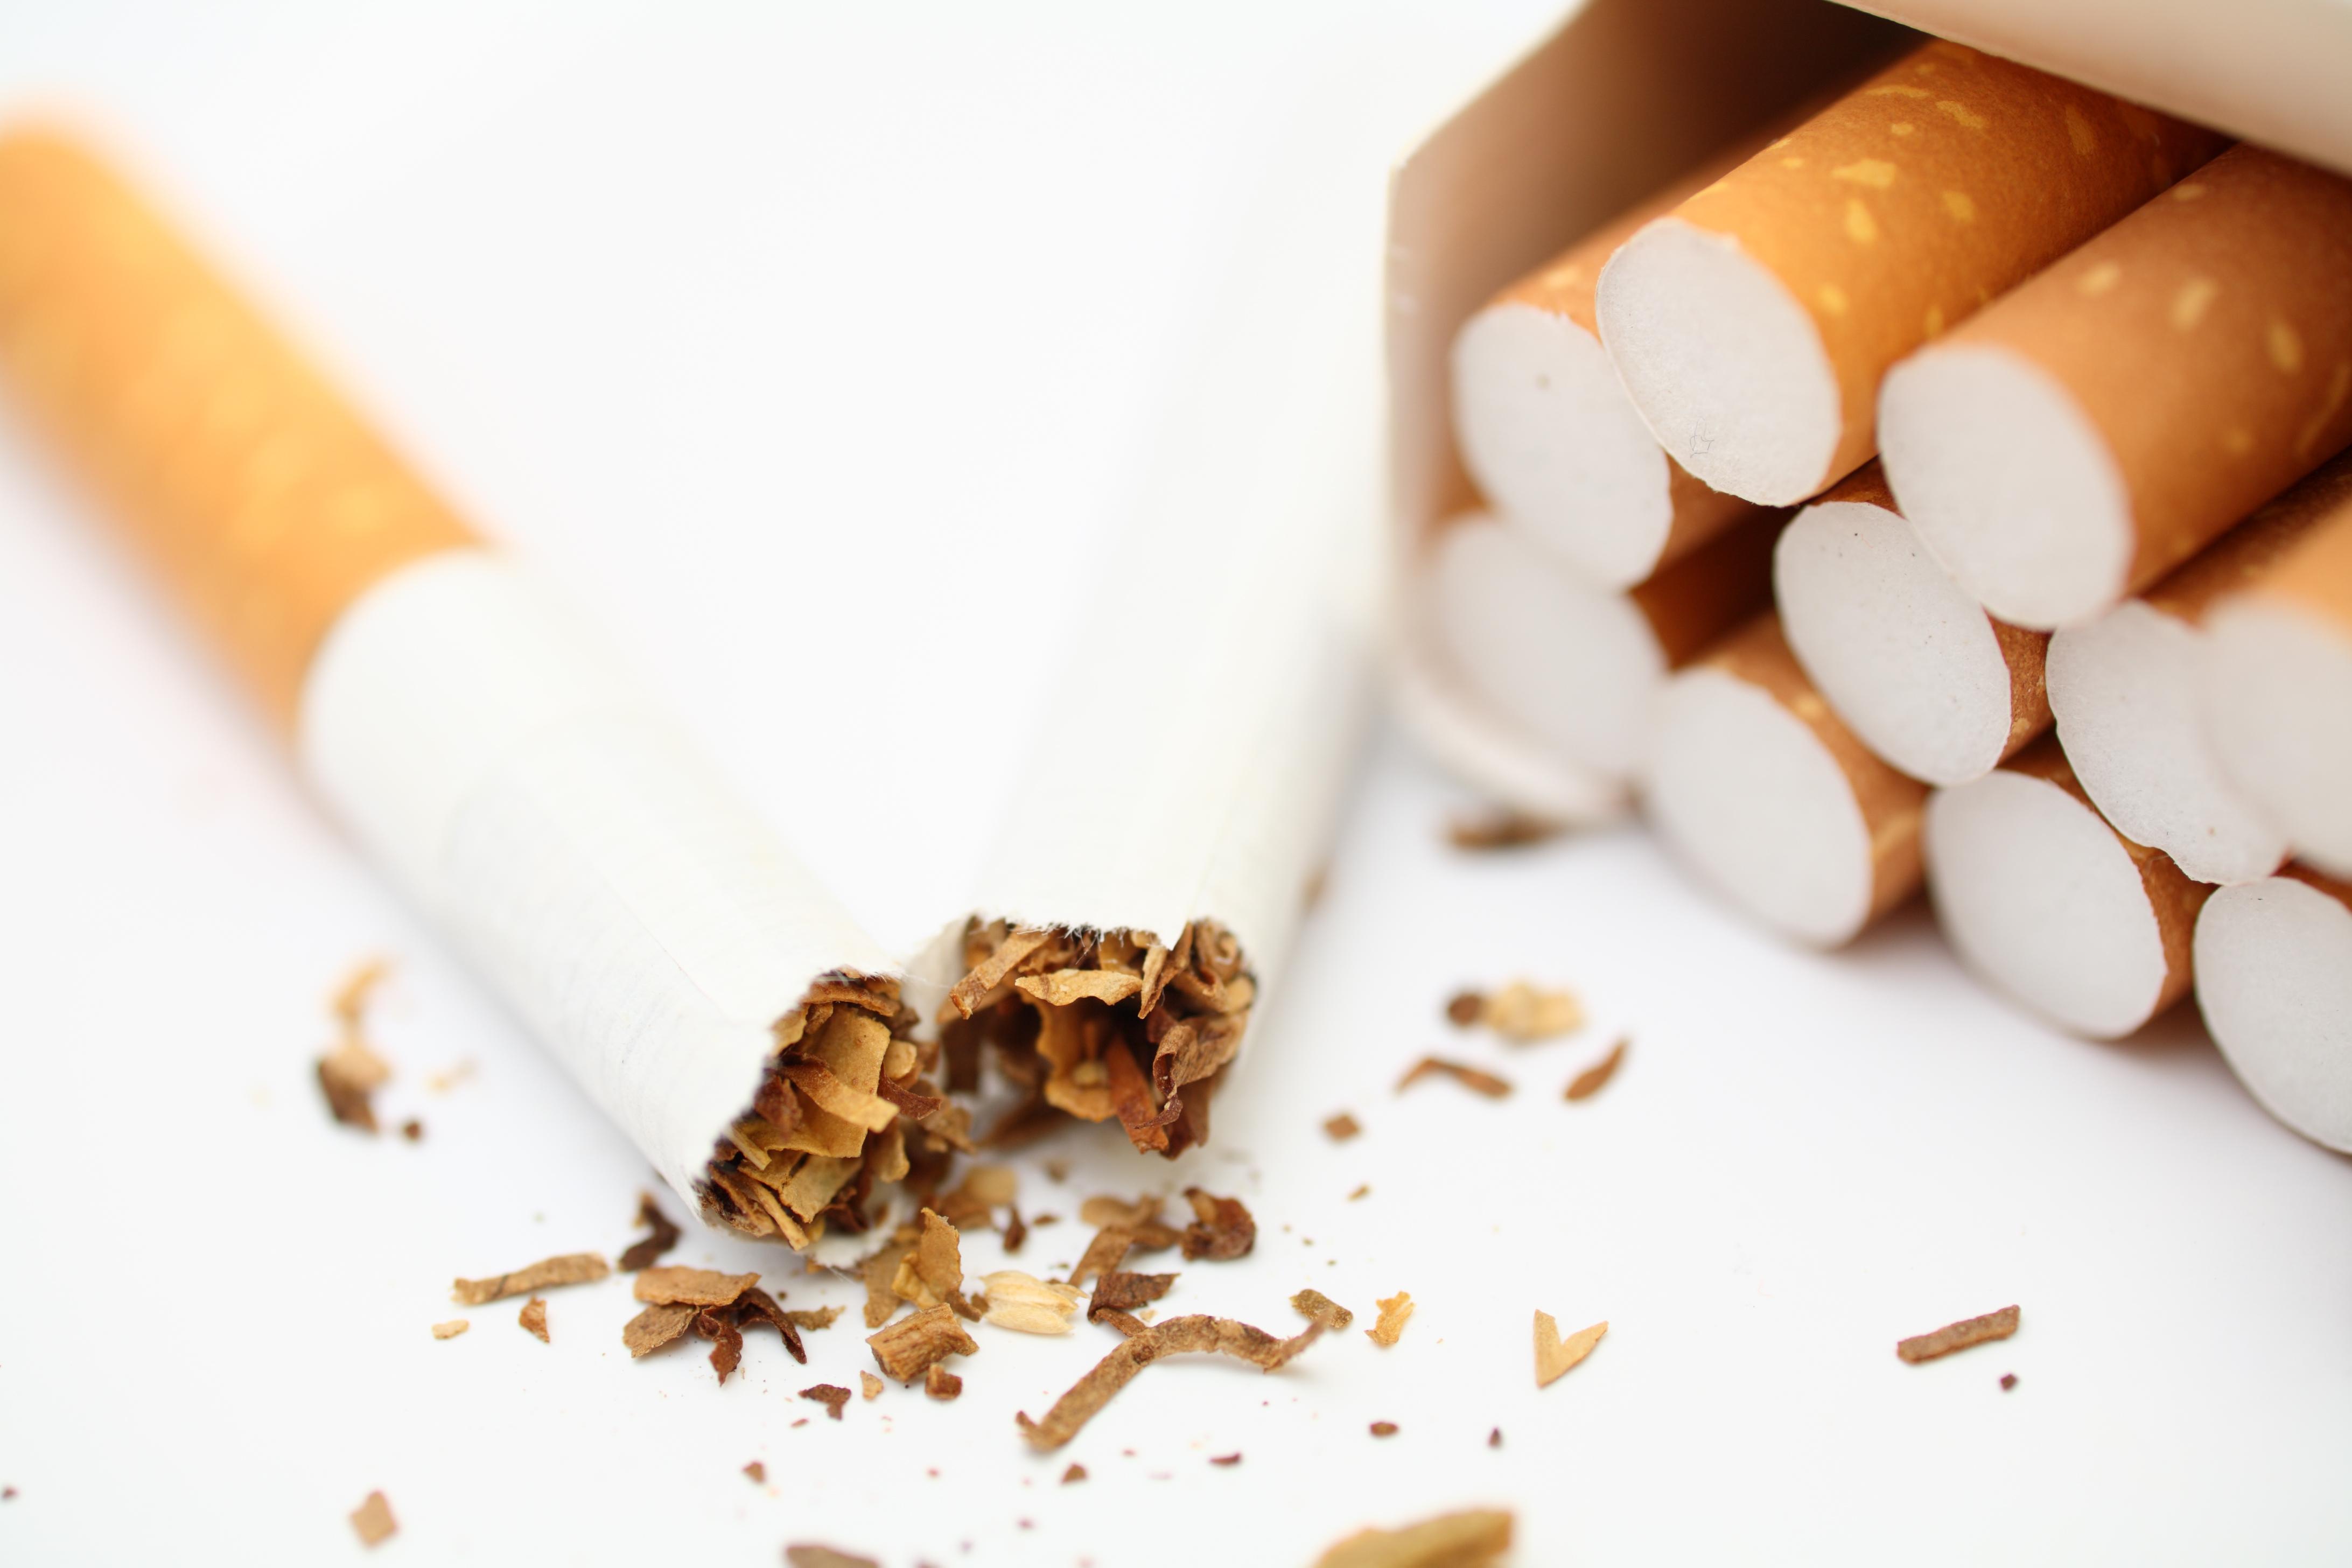 Nikotin kan förändra hjärnans signalering vilket kan förklara varför många har svåra och långvarig problem med ett rök- och/eller snusstopp.